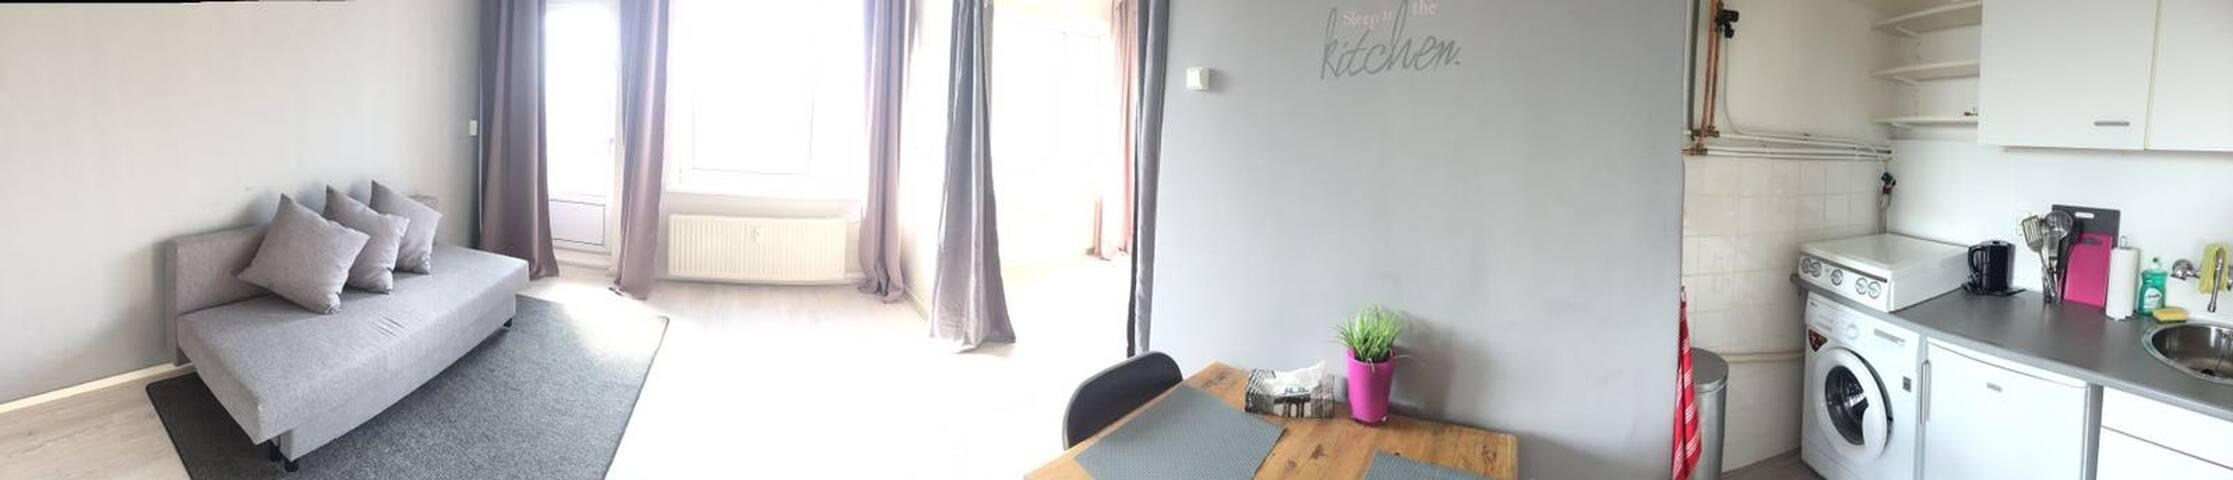 Your cosy & relaxing studio in Amsterdam! - Amstelveen - Apartment